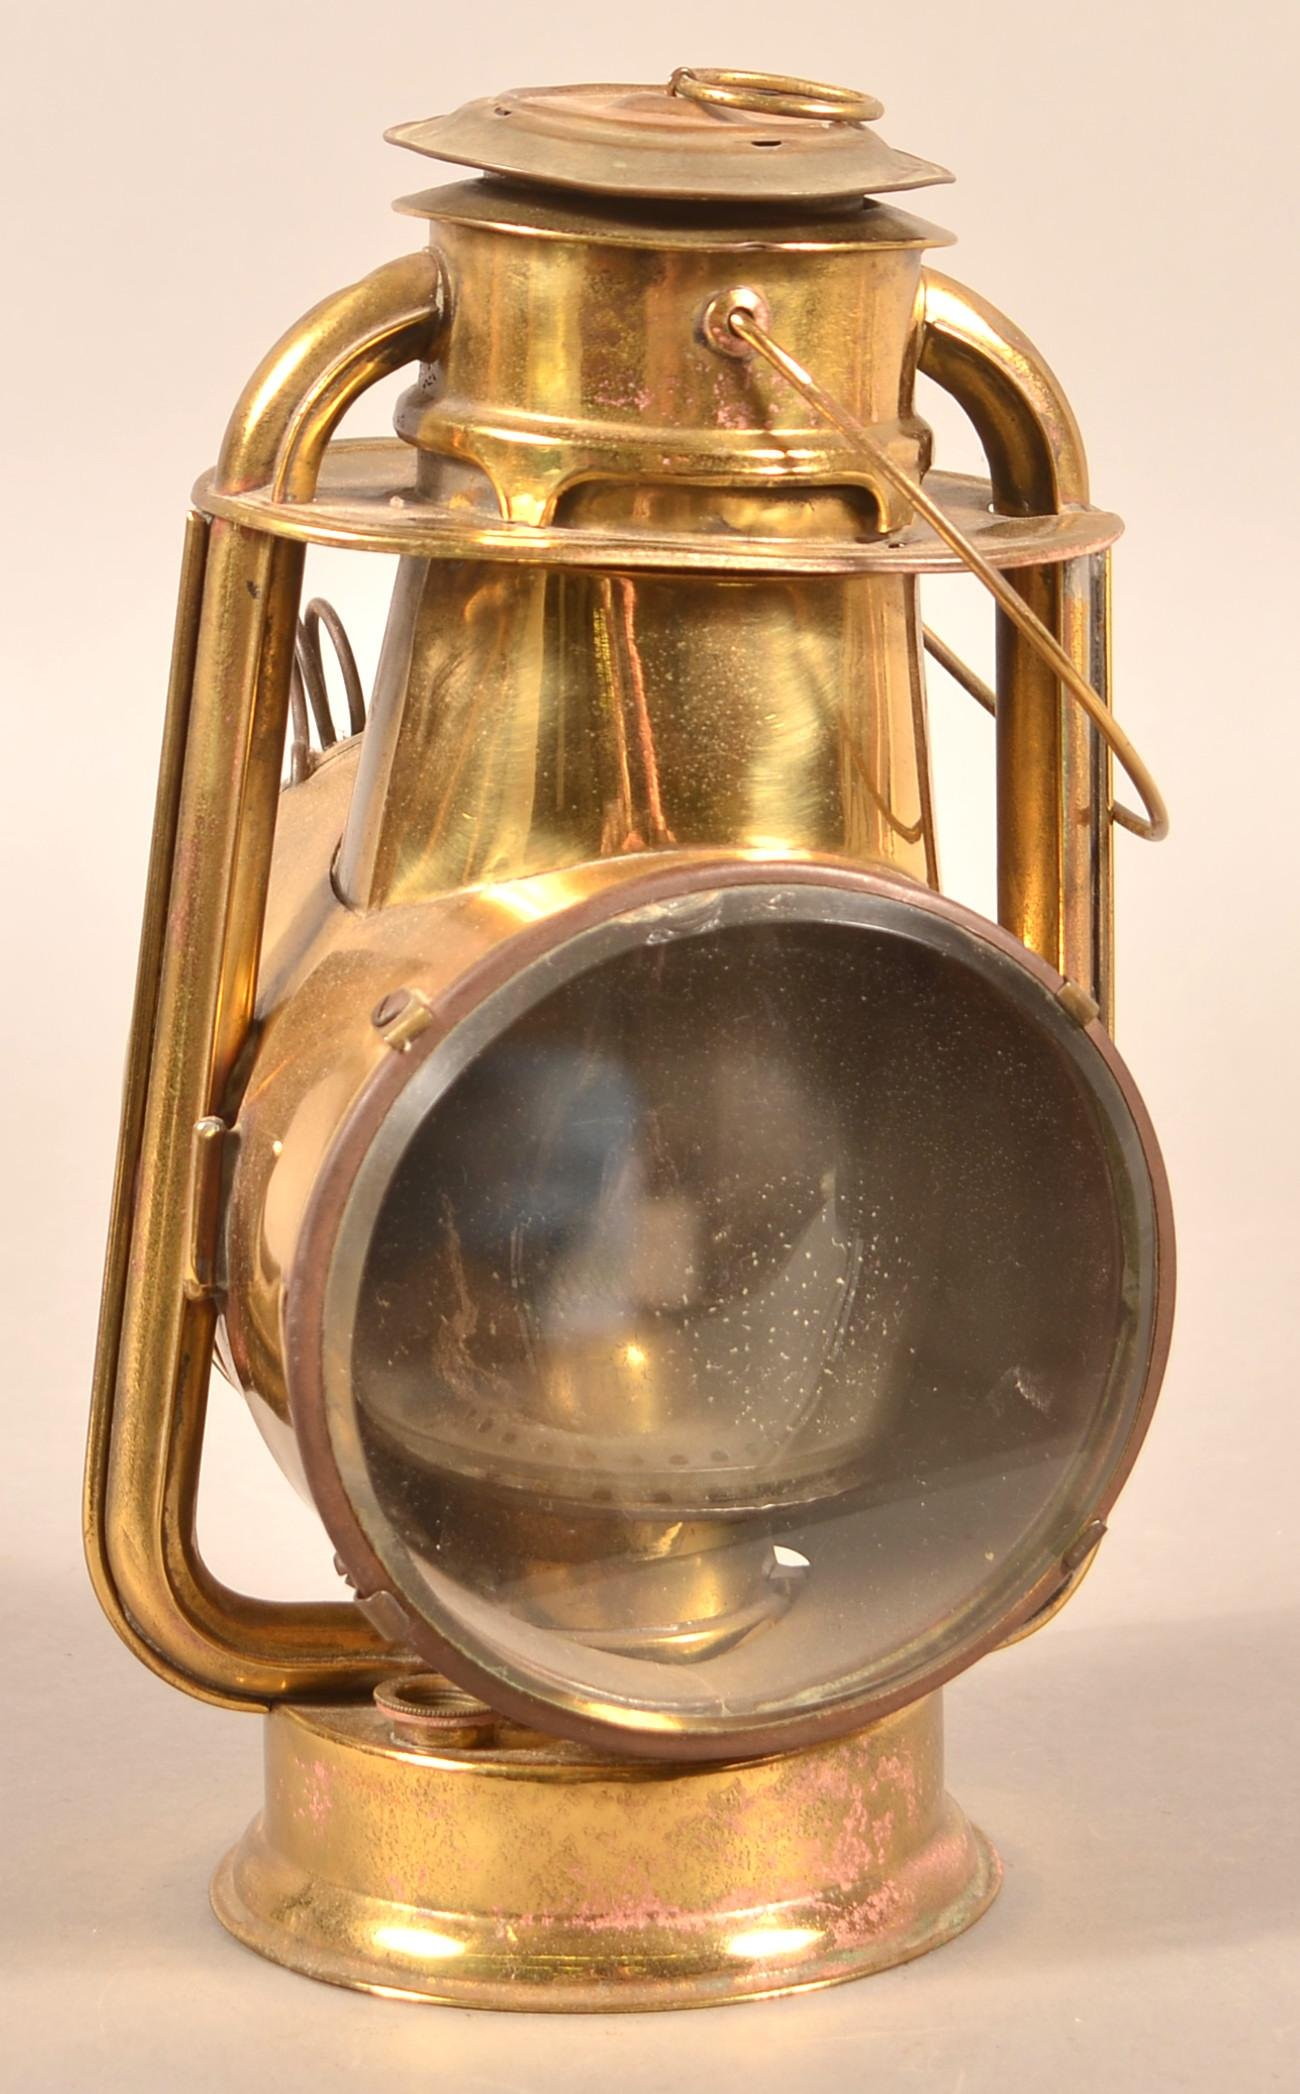 C.T. Ham & Co. Brass Lantern.